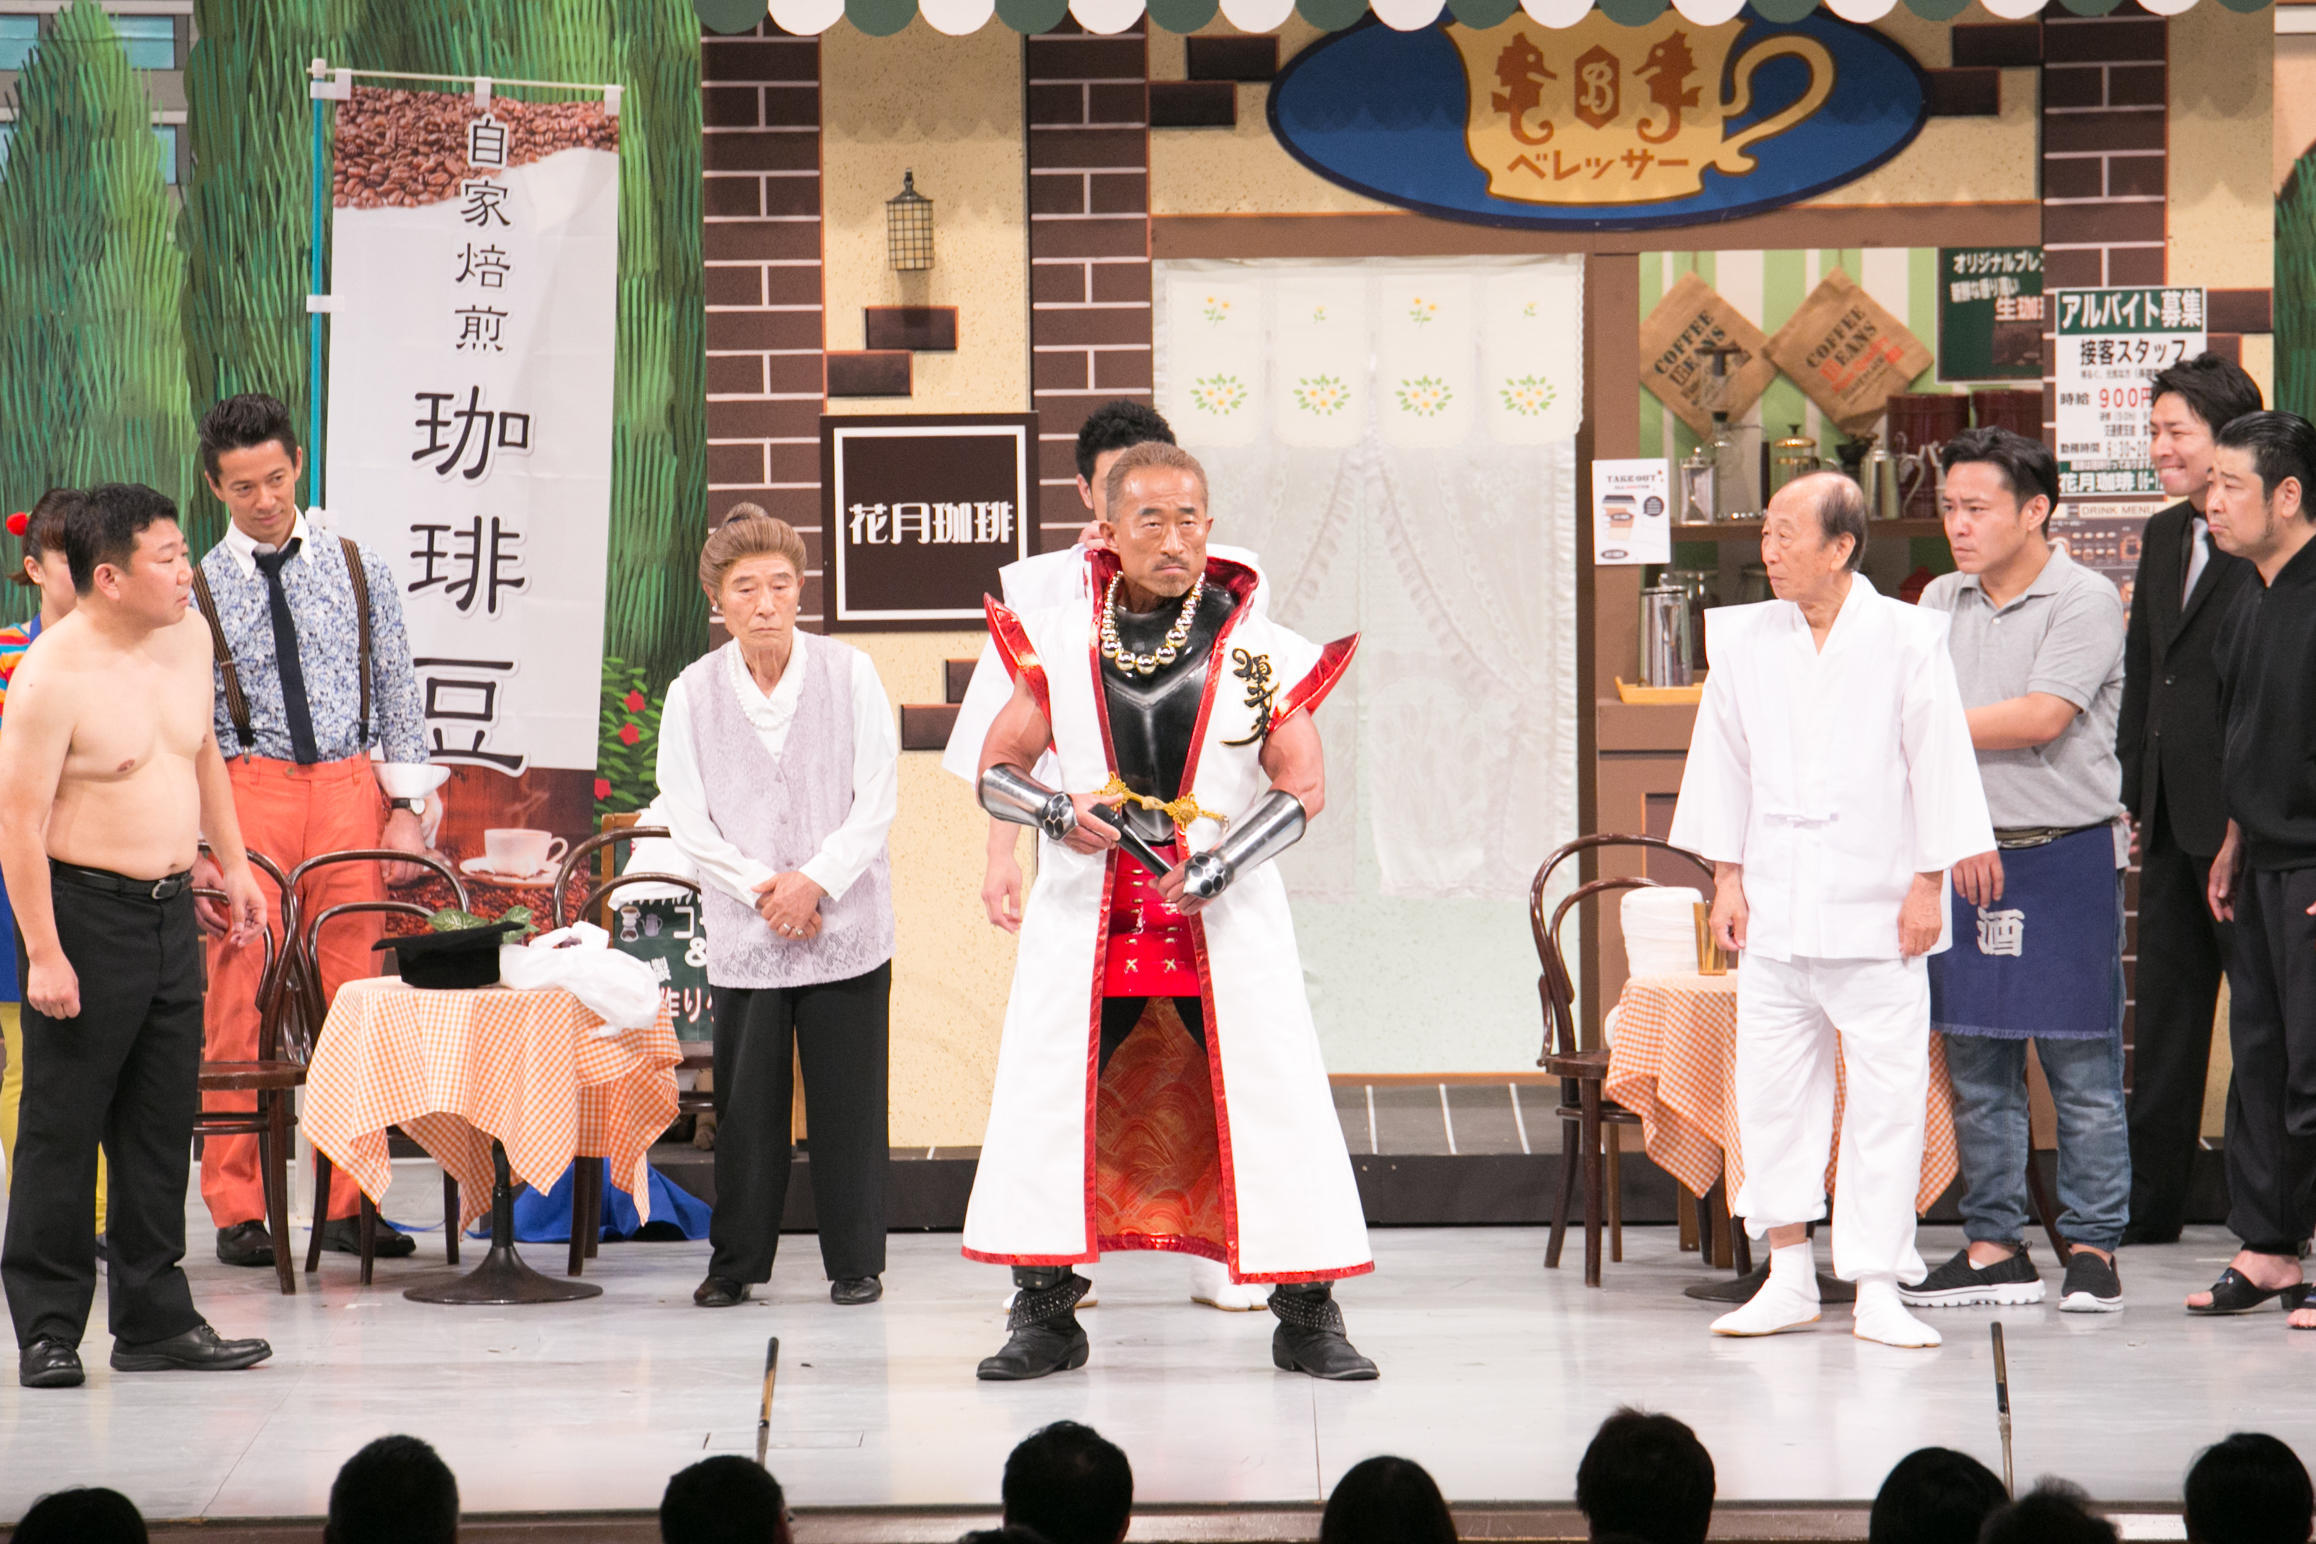 http://news.yoshimoto.co.jp/20170801190339-ec2bc3b97259b0345dc30dbf48d90aa9be311555.jpg